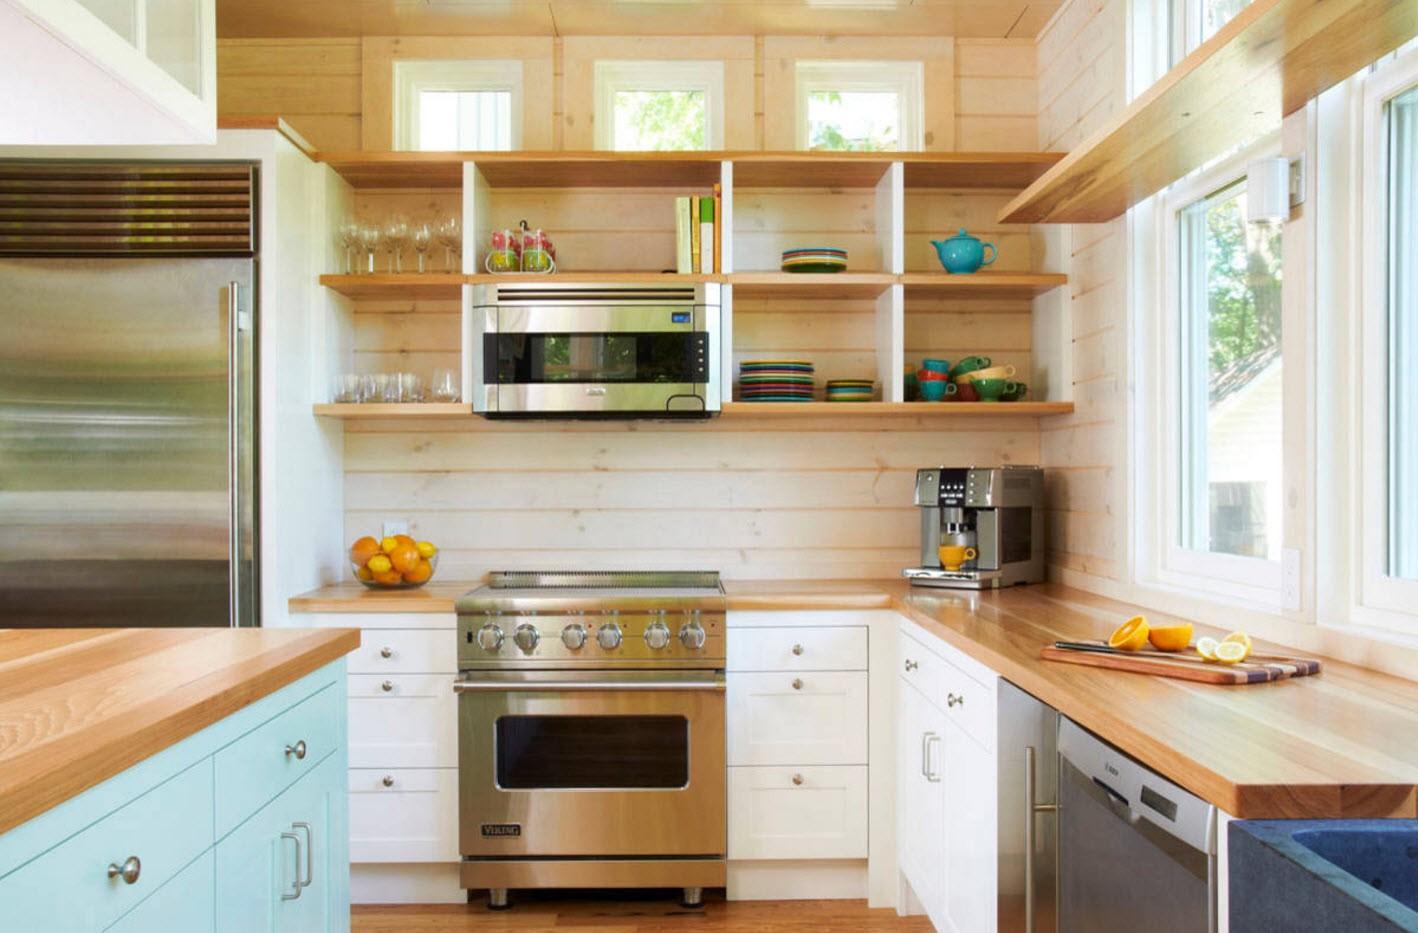 полки на кухне вместо навесных шкафов виды фото